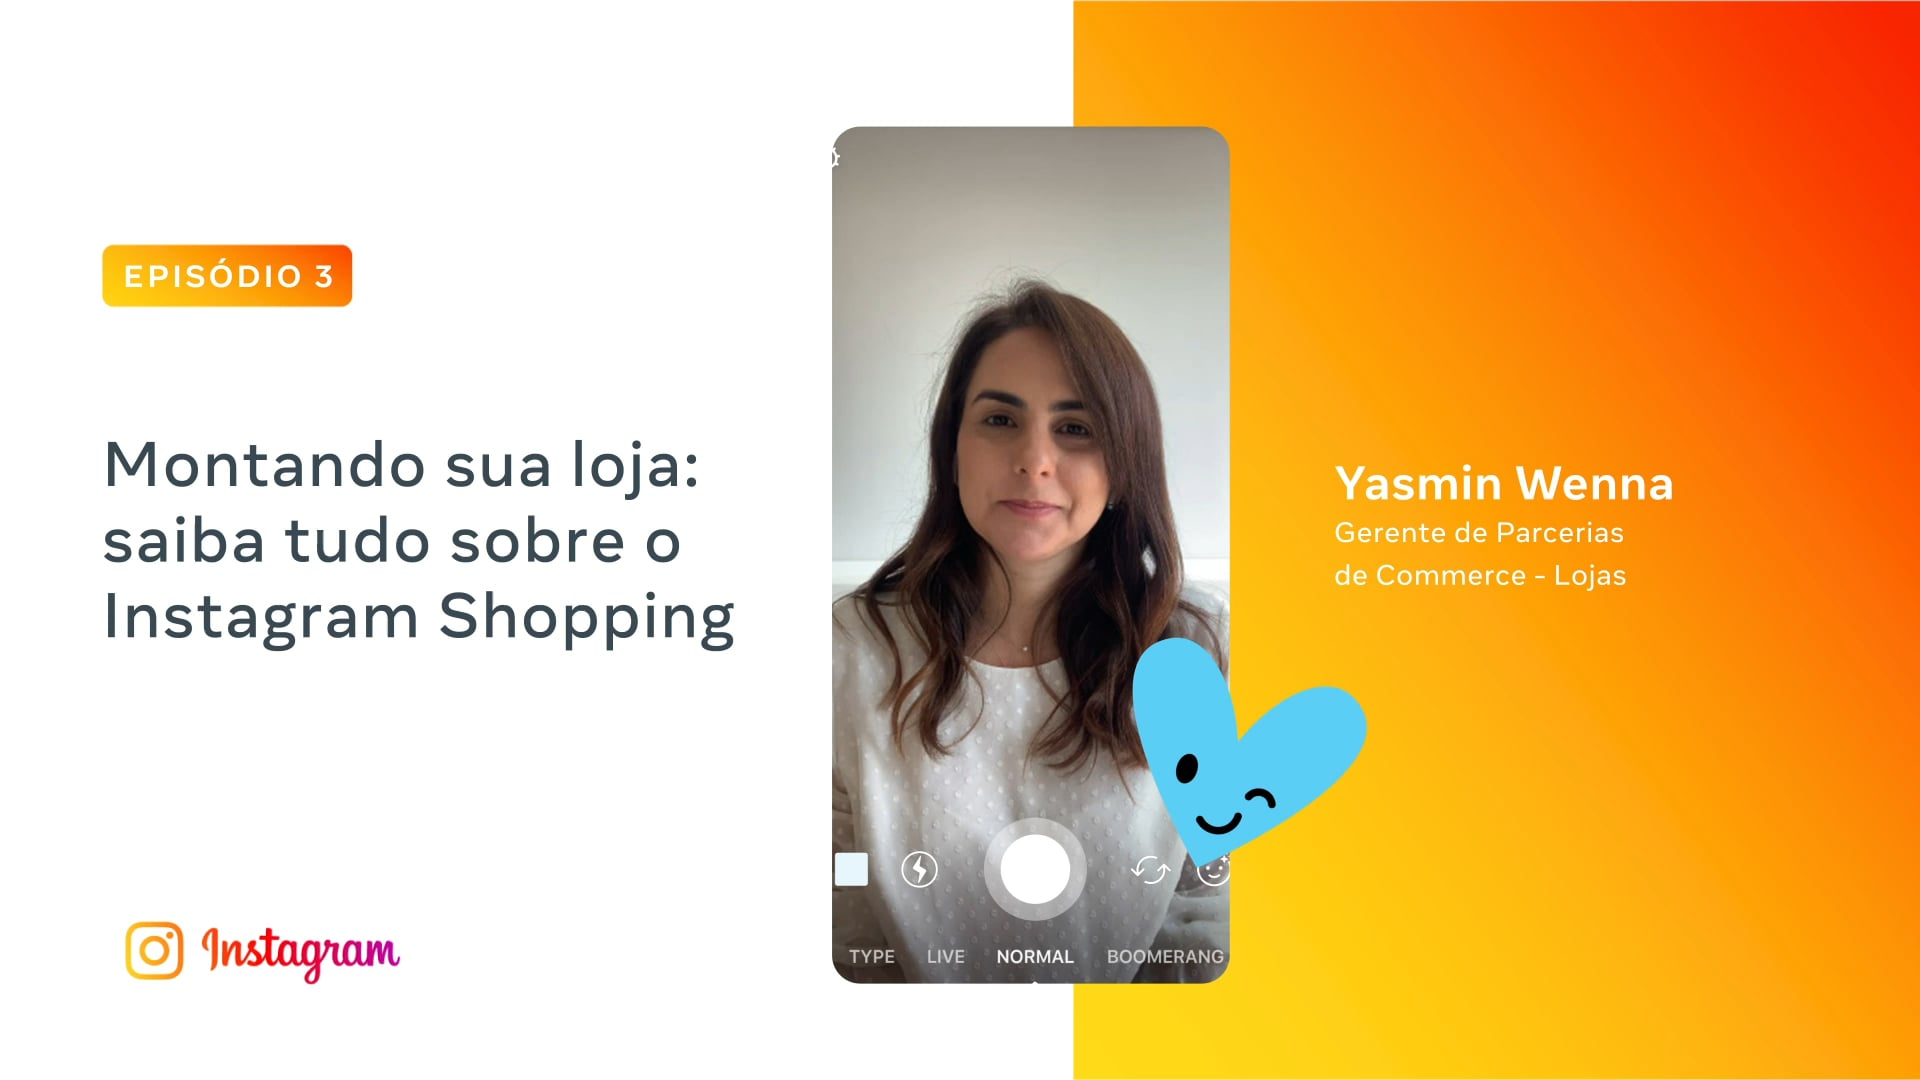 Montando sua loja: saiba tudo sobre o Instagram Shopping